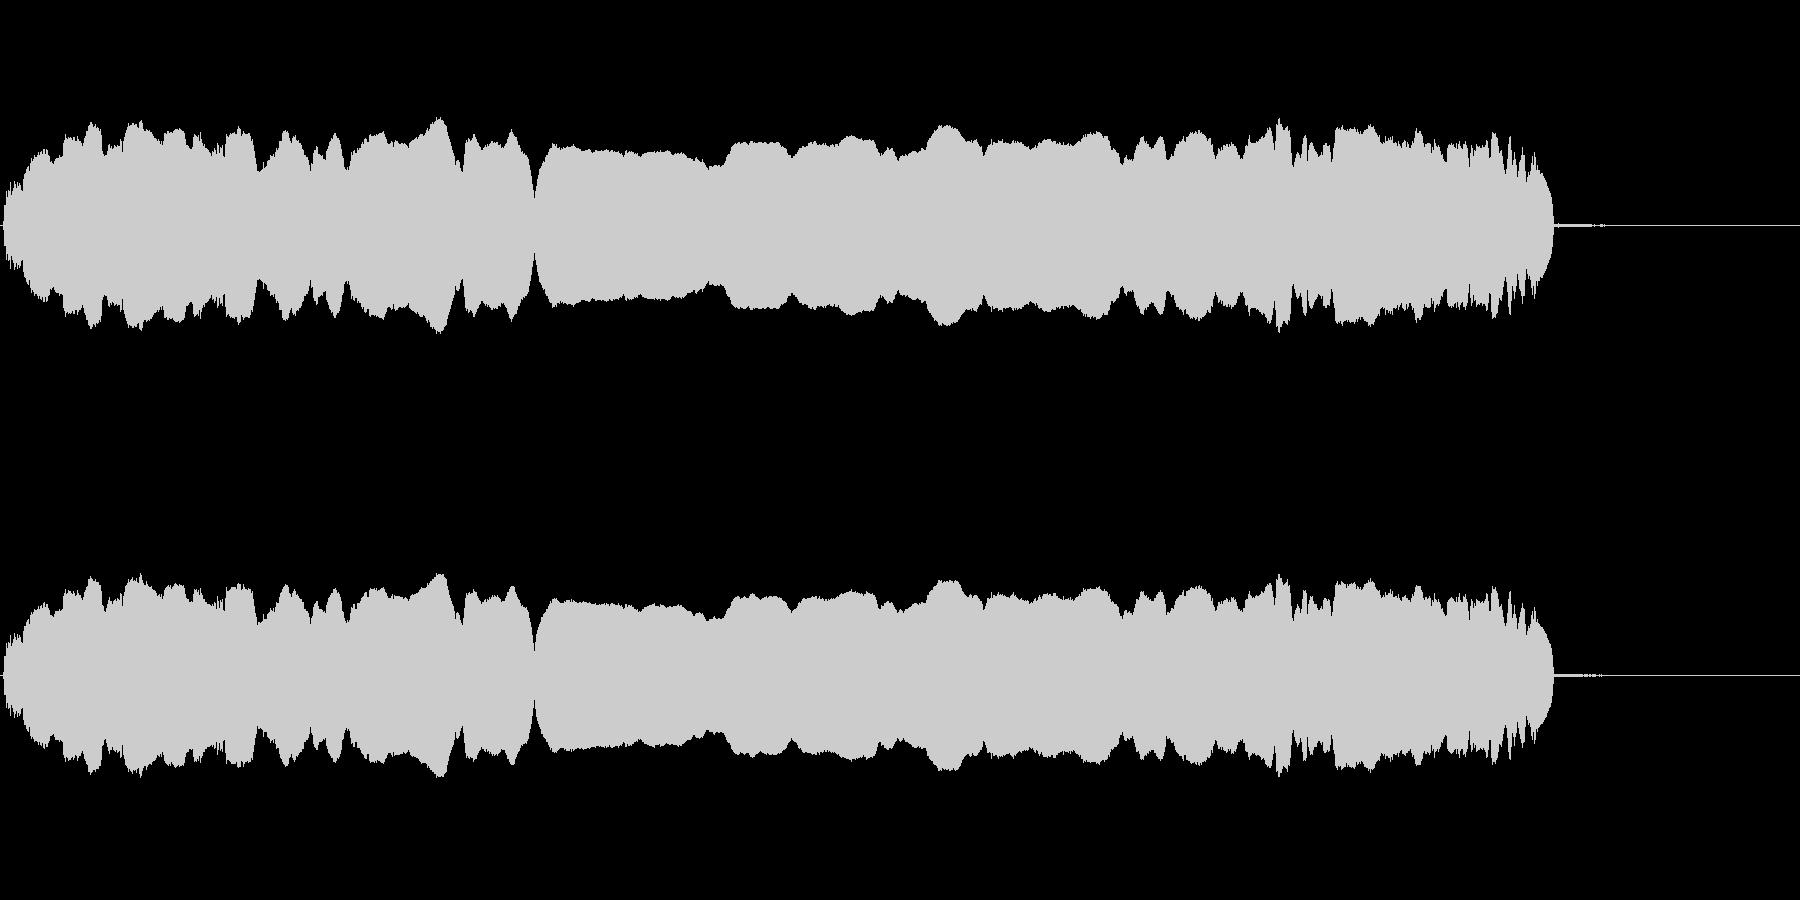 トランペット:ウェールサイレンアク...の未再生の波形